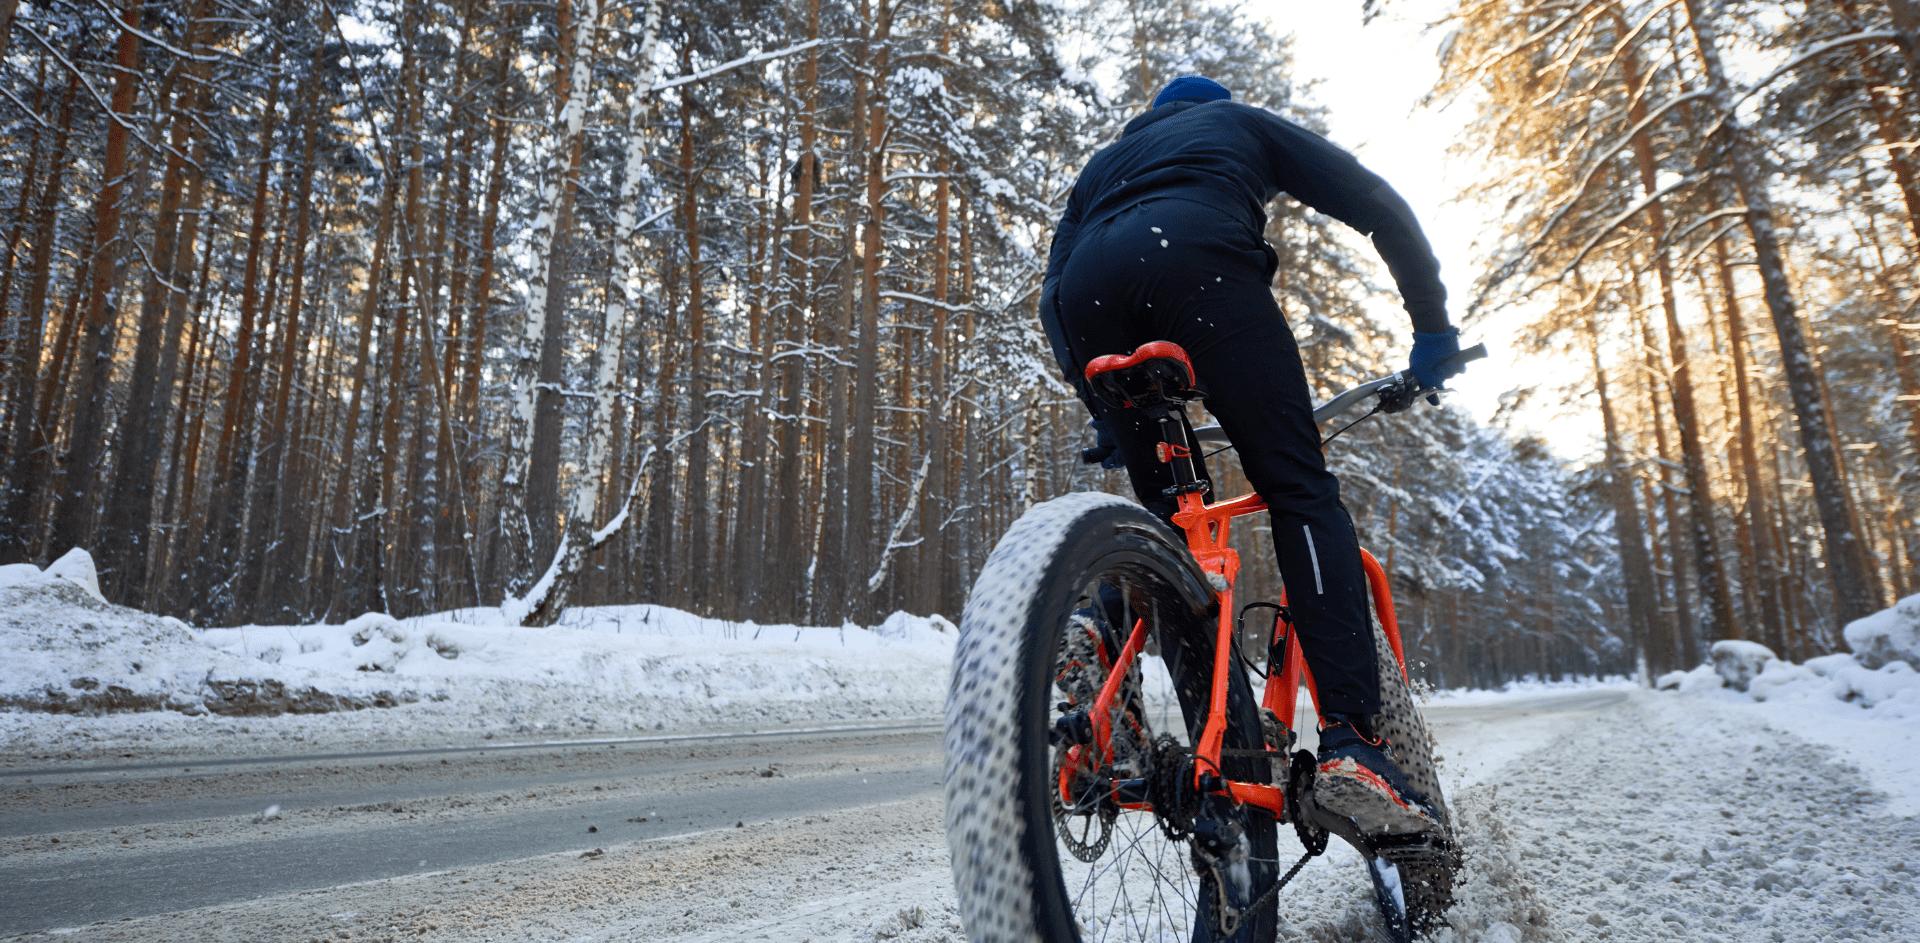 zimowa odzież rowerowa na srogie mrozy